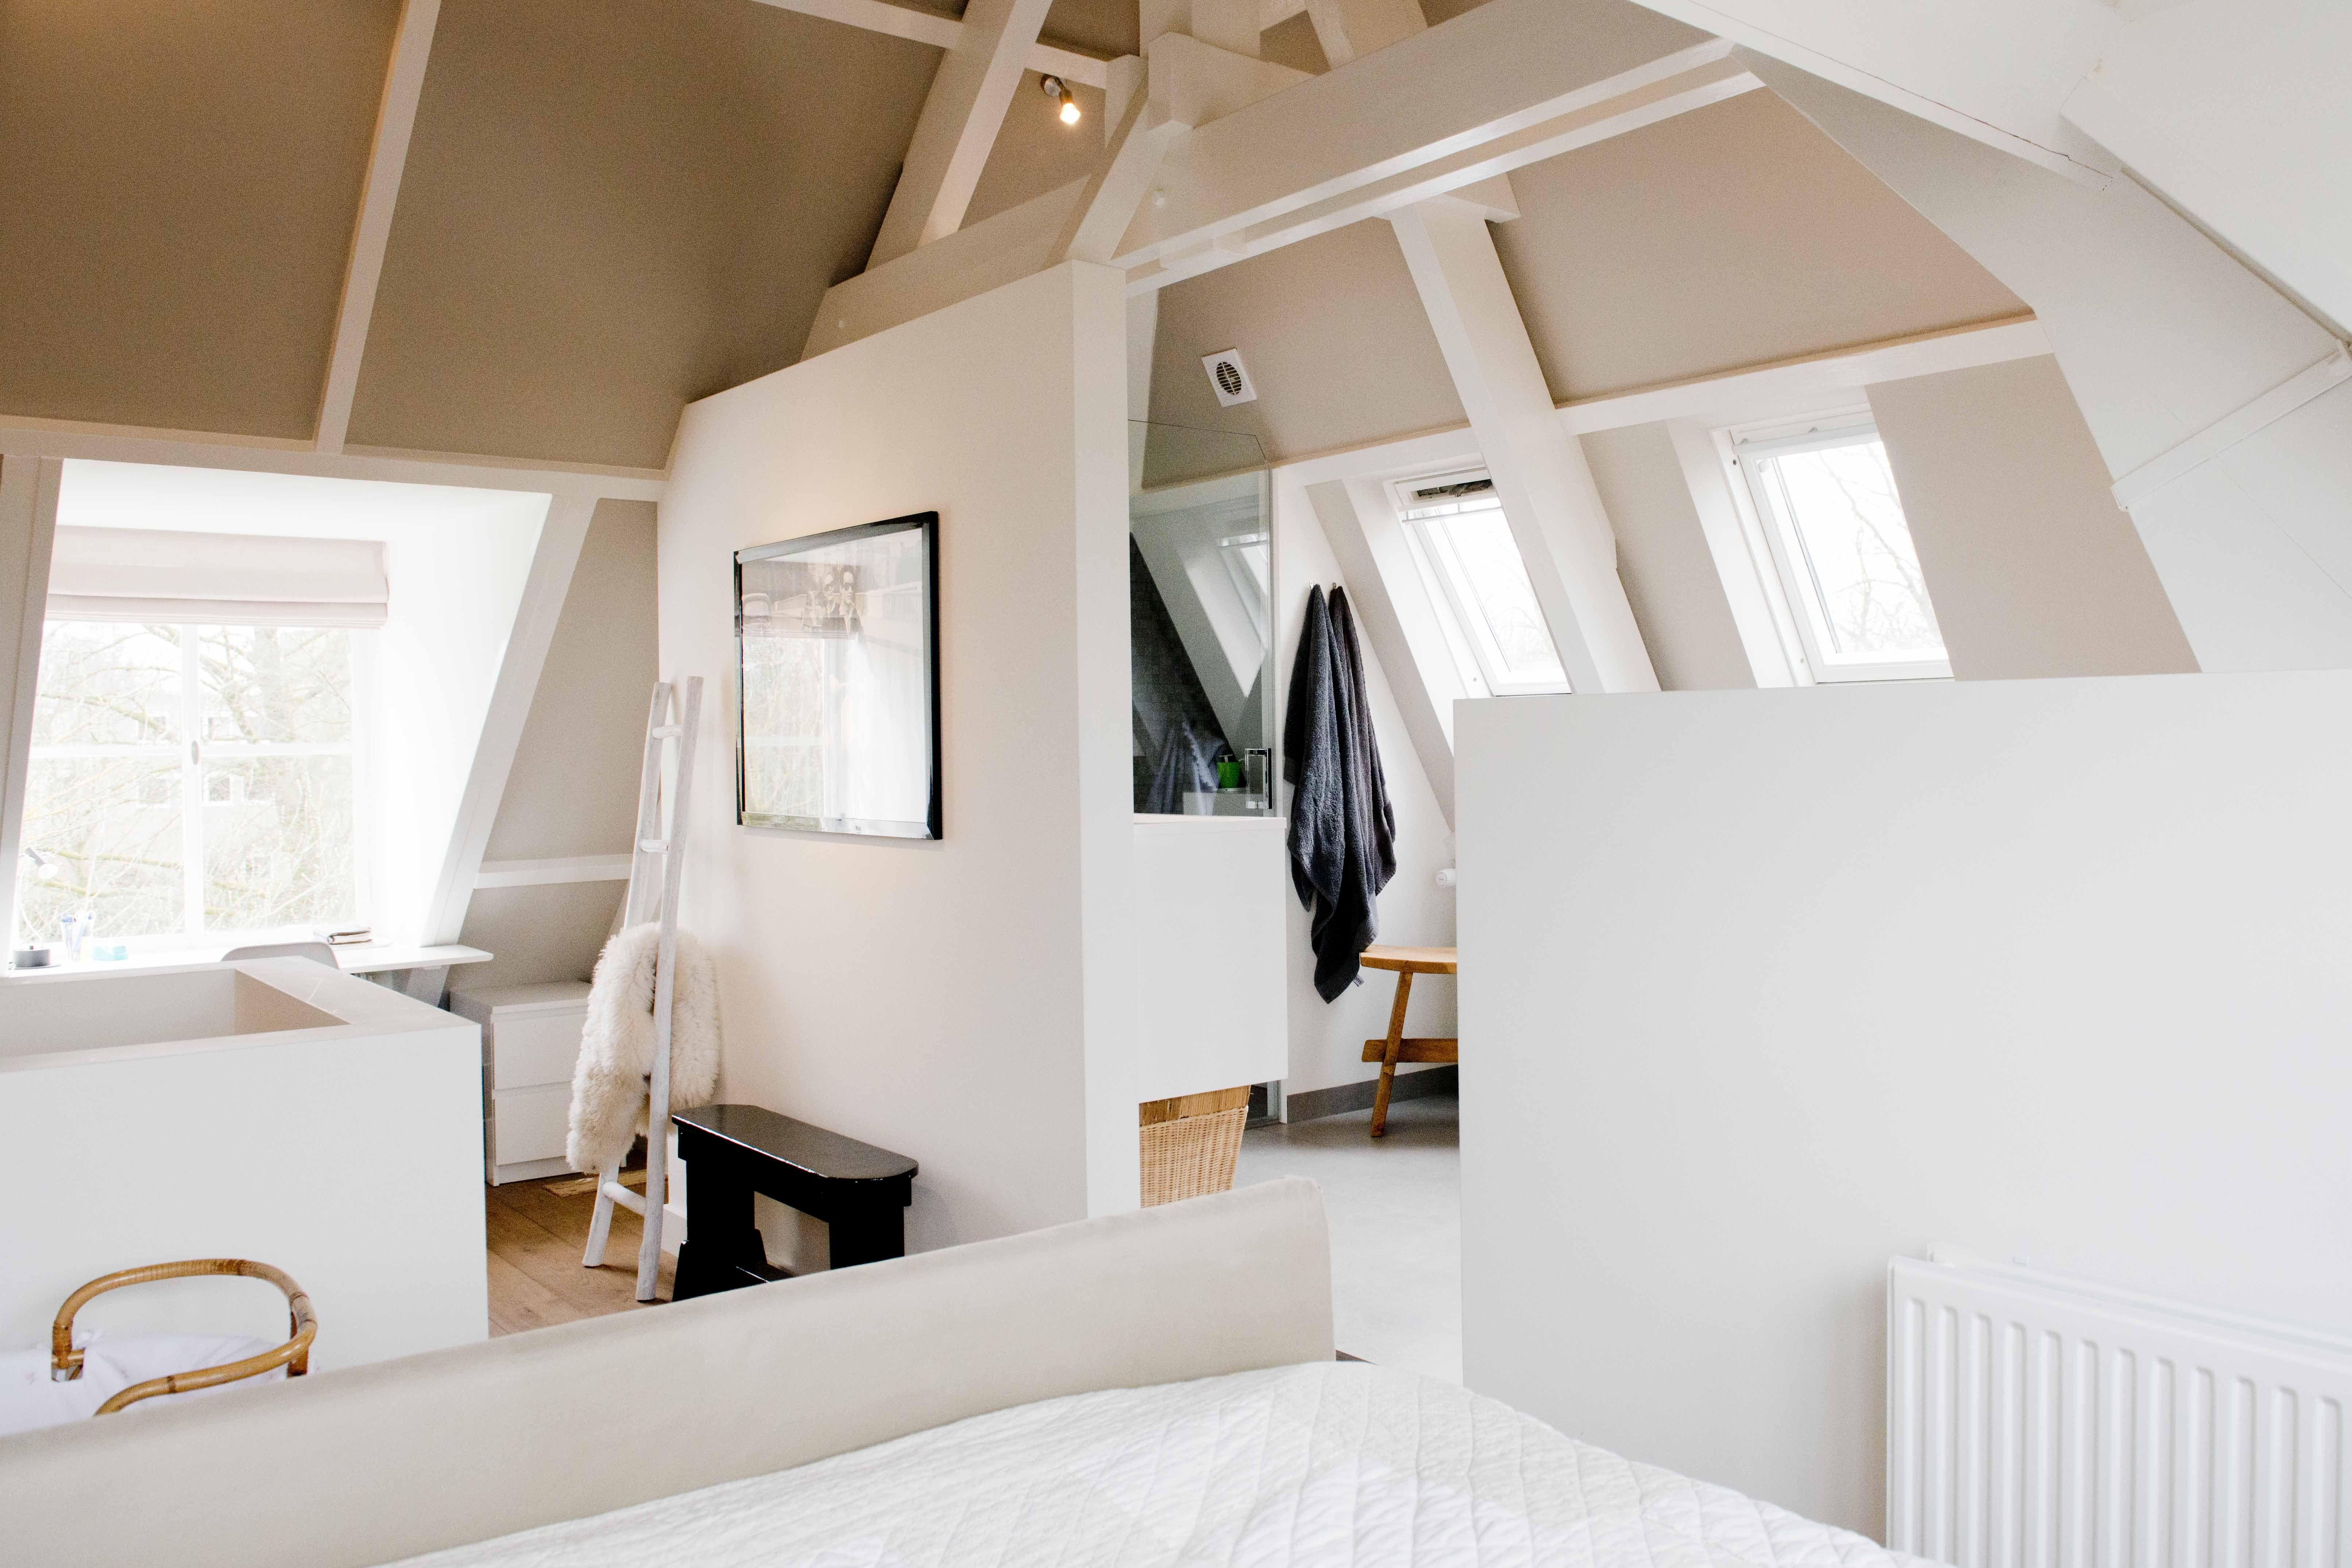 Ouderslaapkamer op zolder. binnenkijken bij marieke. wonen met